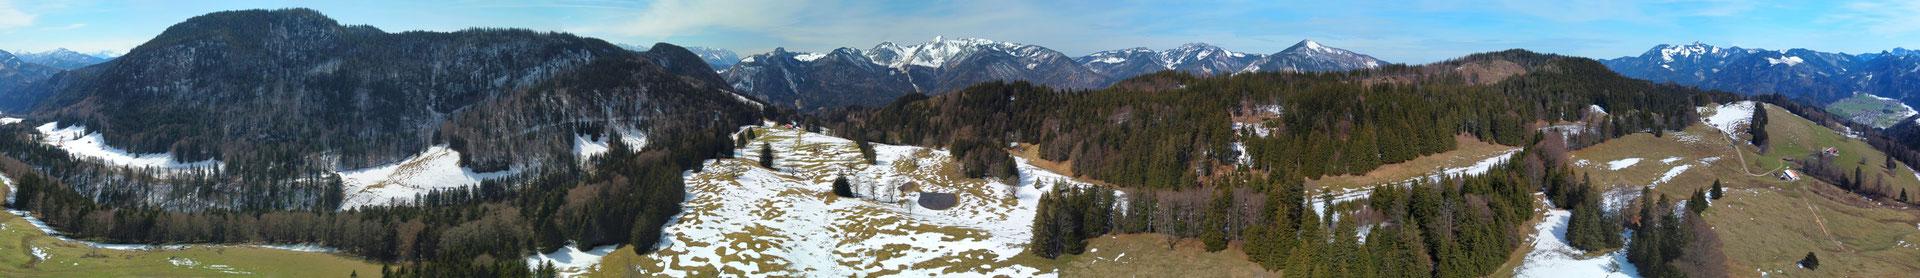 Panorama - Drohnenfoto - Landschaft - Bayern - Berge - Alpen - Winter - Ausflug - Wanderung - Chiemgau - Chiemhausalm - 360 Grad